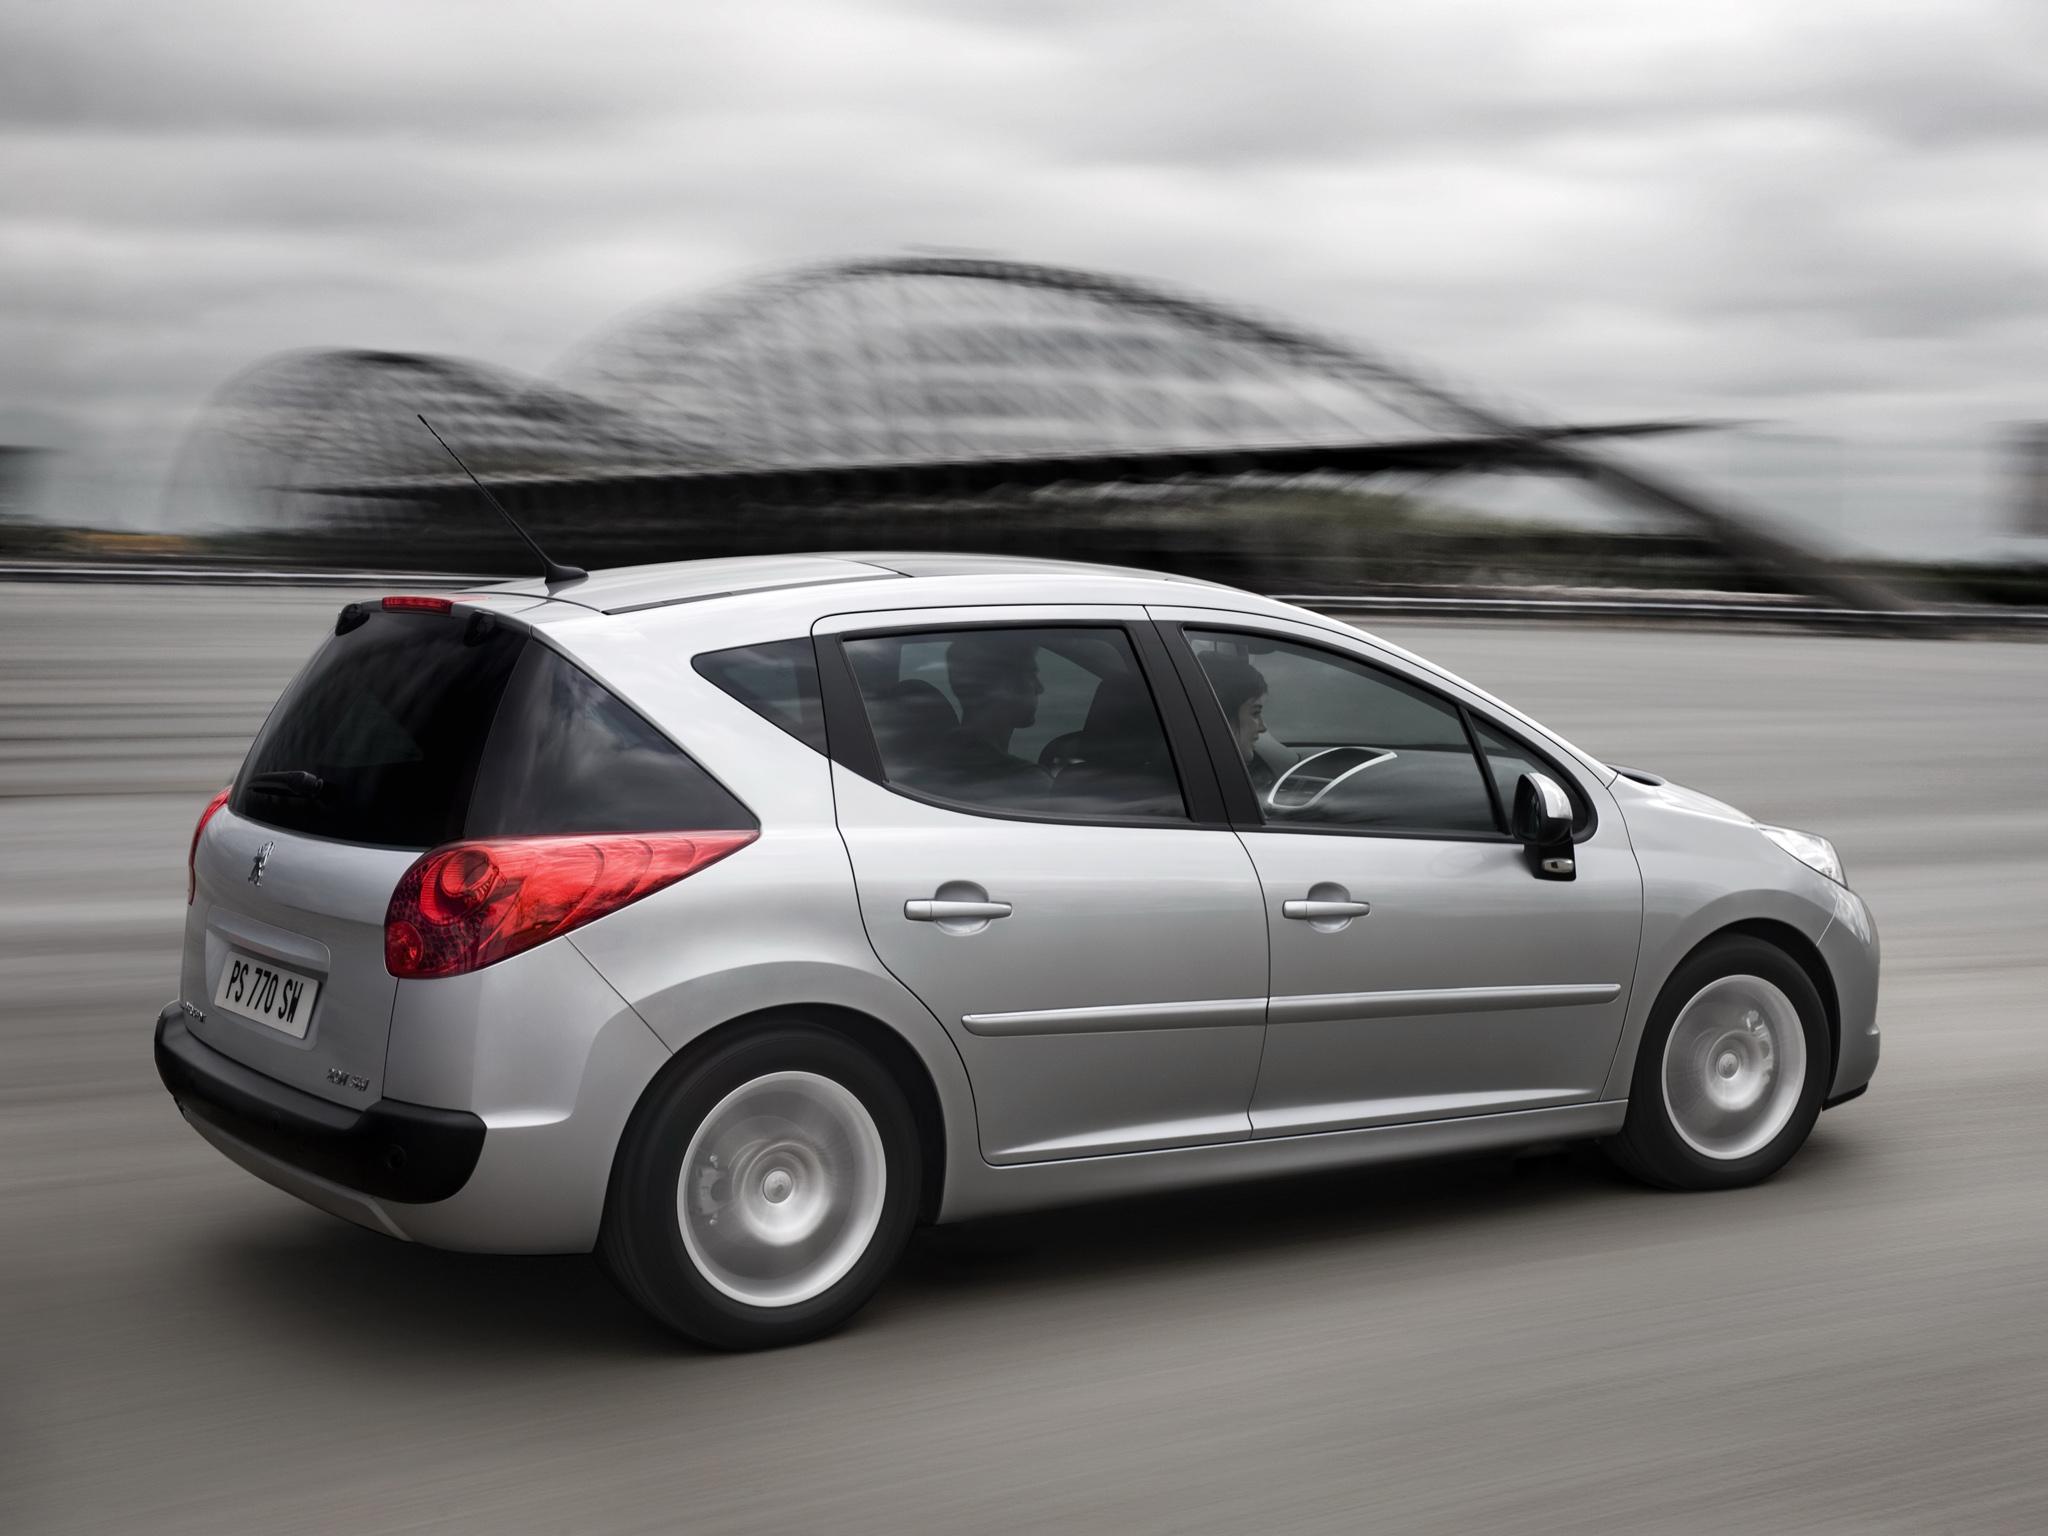 Peugeot 207 SW - Autovisie.nl